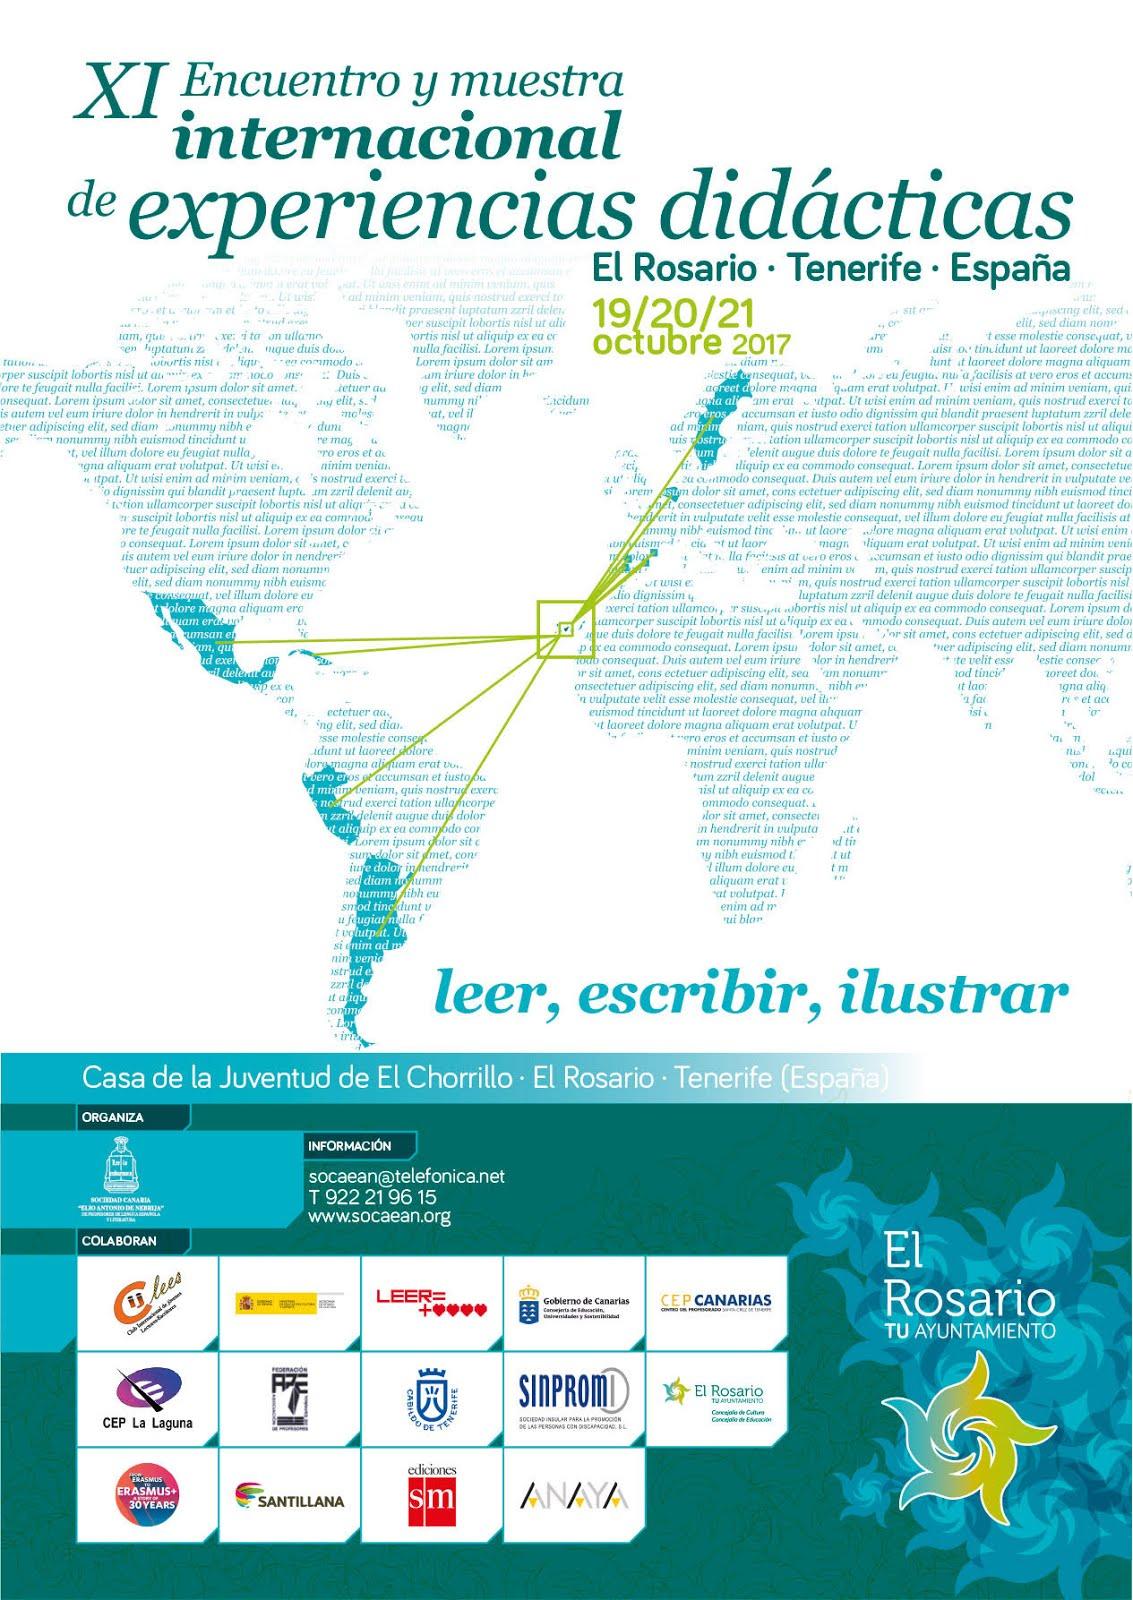 XI Encuentro y Muestra Internacional en El Rosario